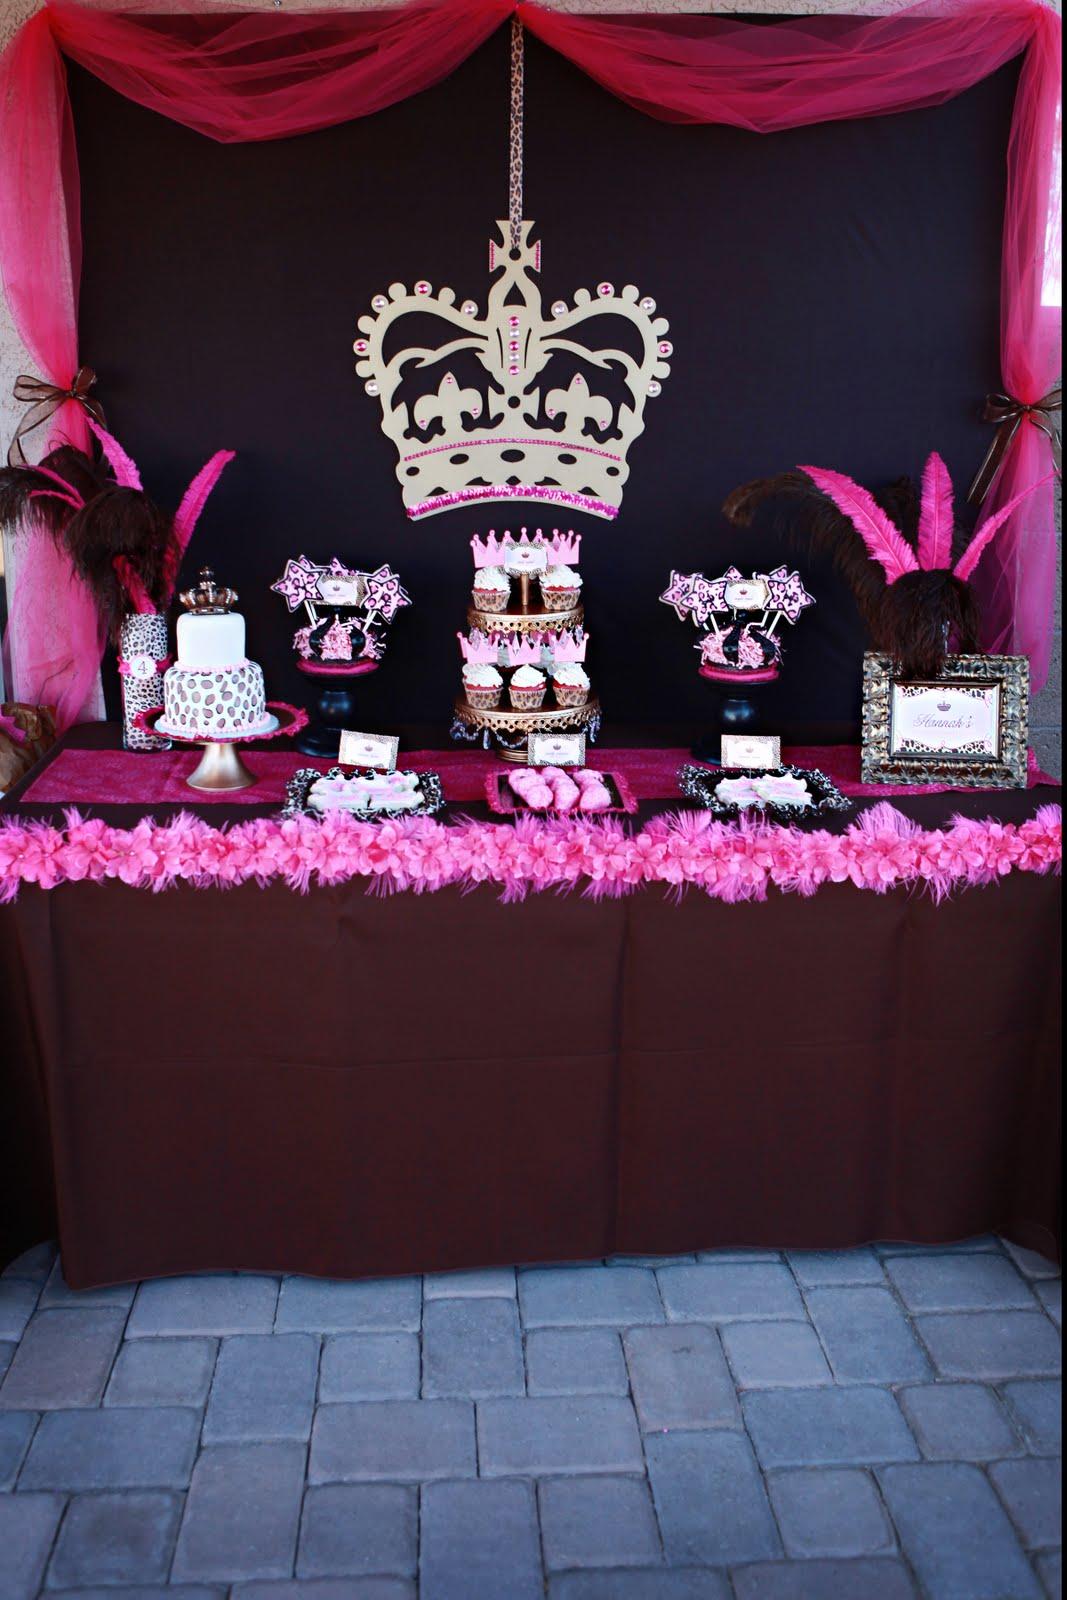 Leopard Print Party Decorations